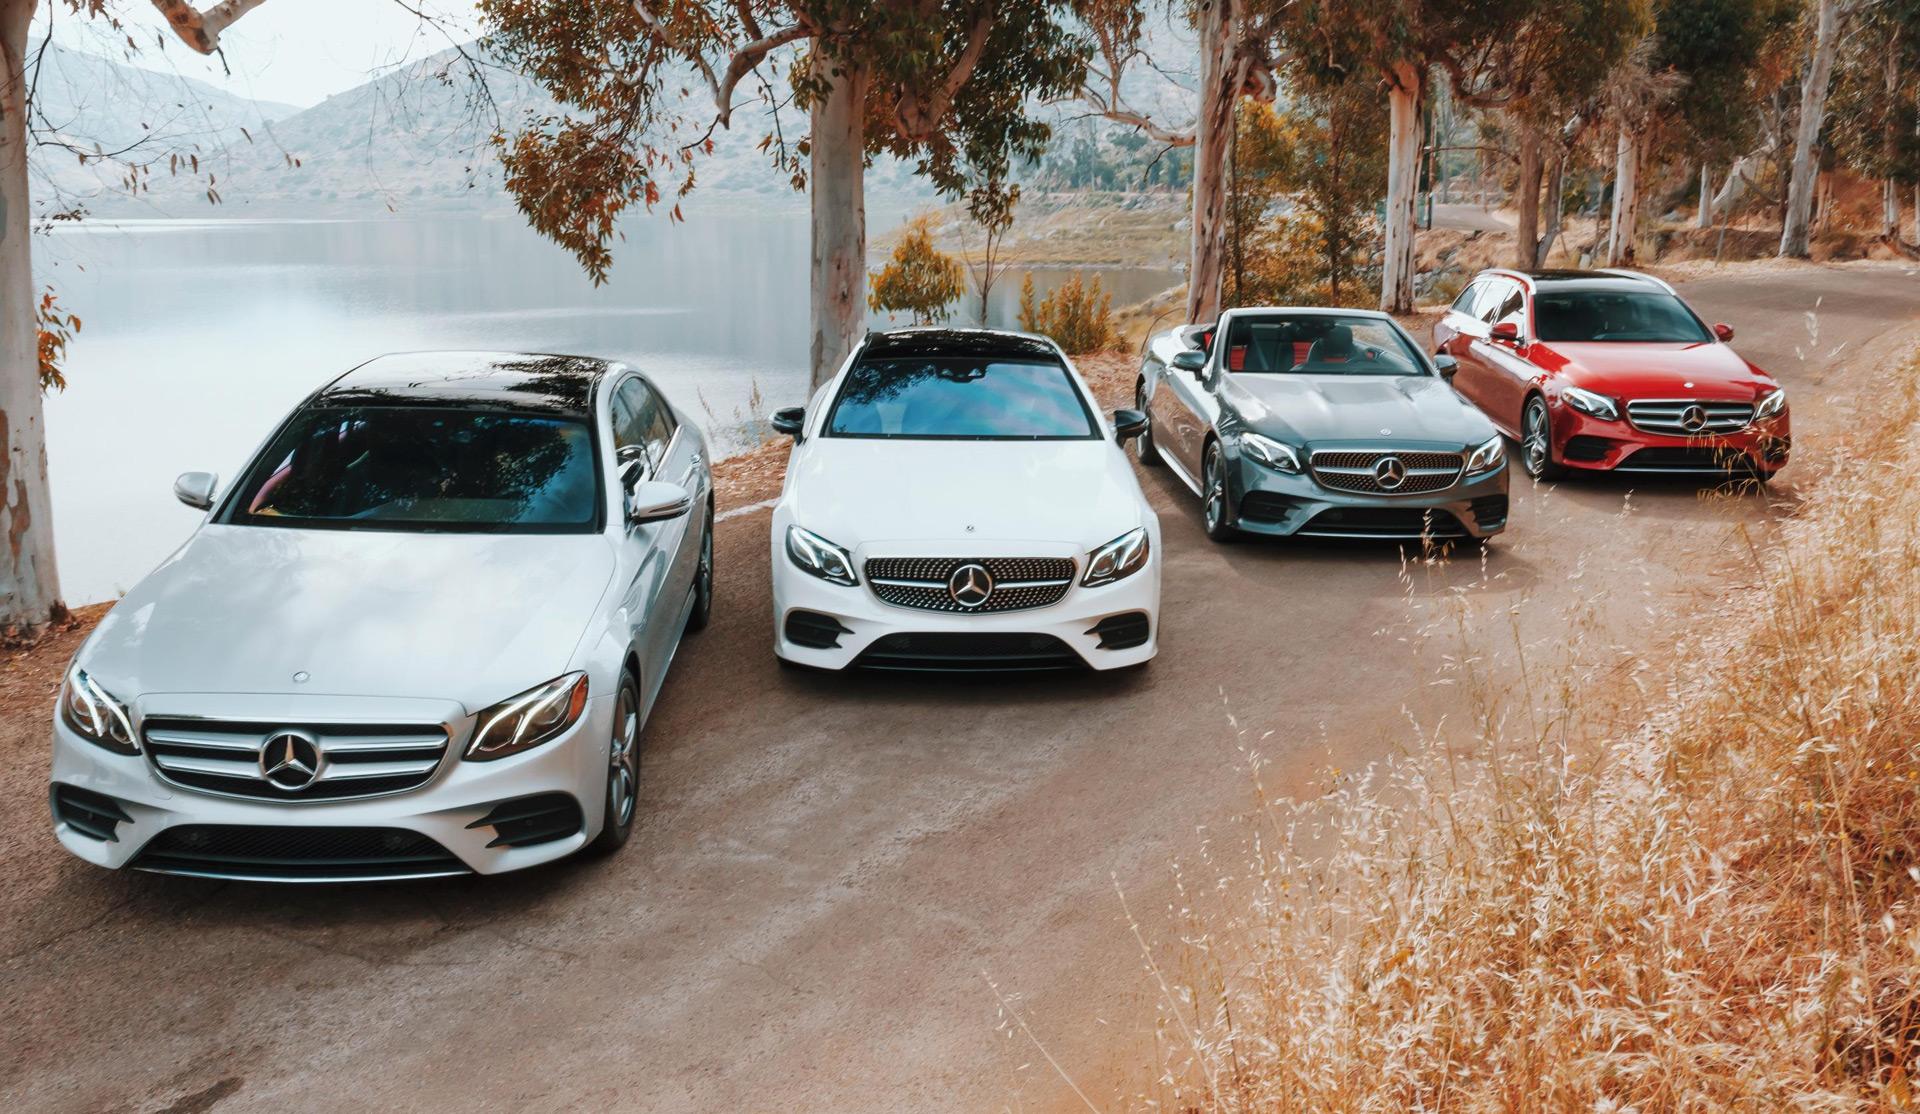 2019 Mercedes Benz E Class Adds 362 Horsepower E450 Model